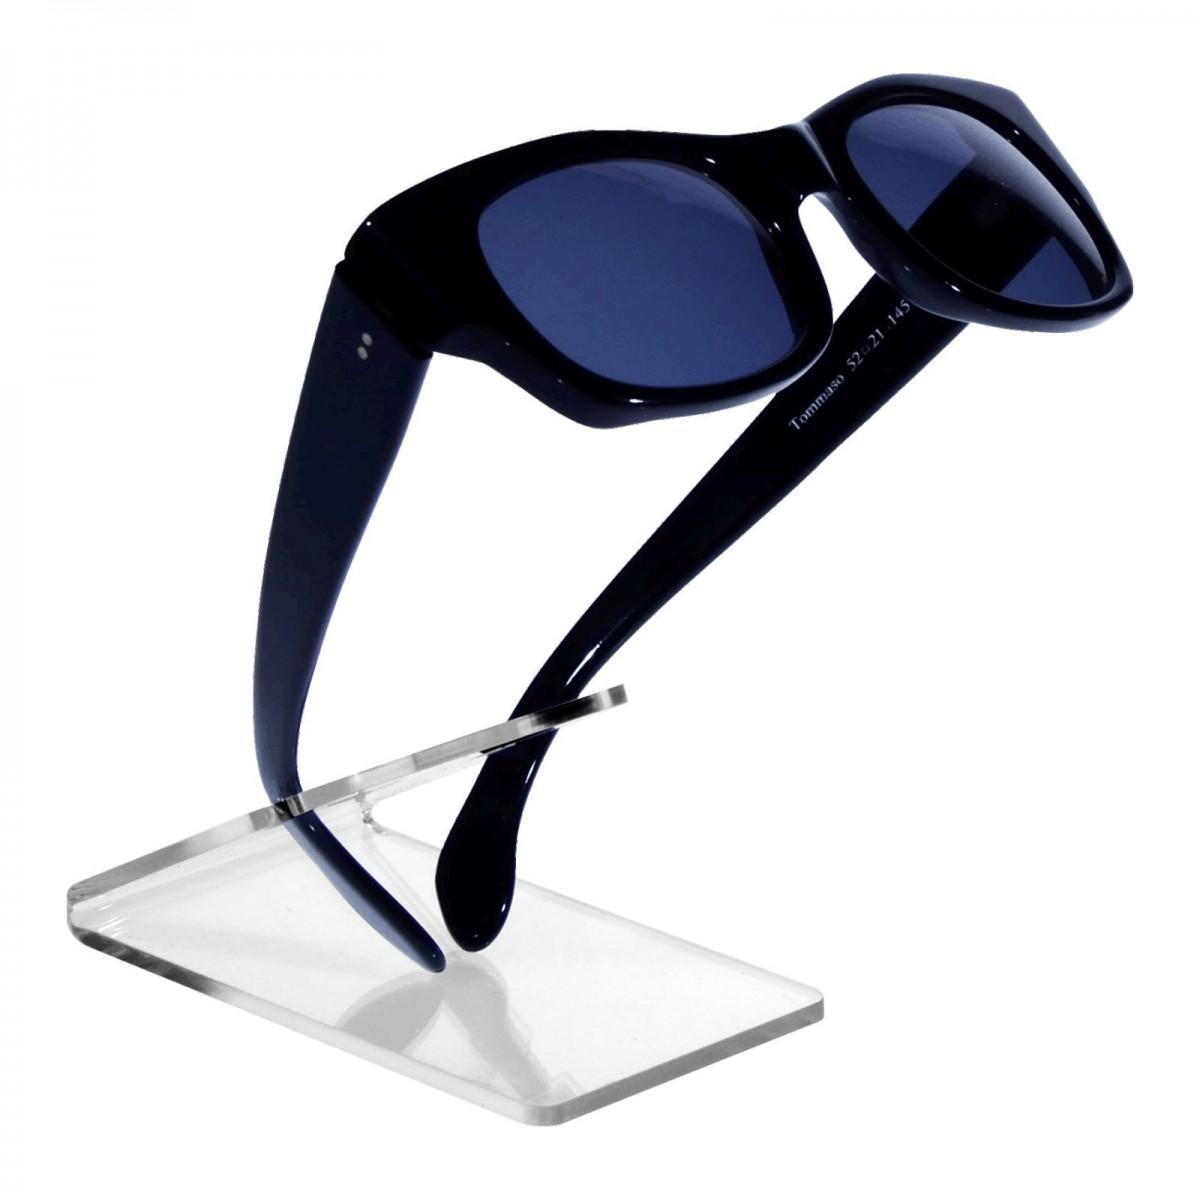 E-126 ESP-B - Portaocchiali in plexiglass trasparente - Misura: 7,5x7x H9 cm